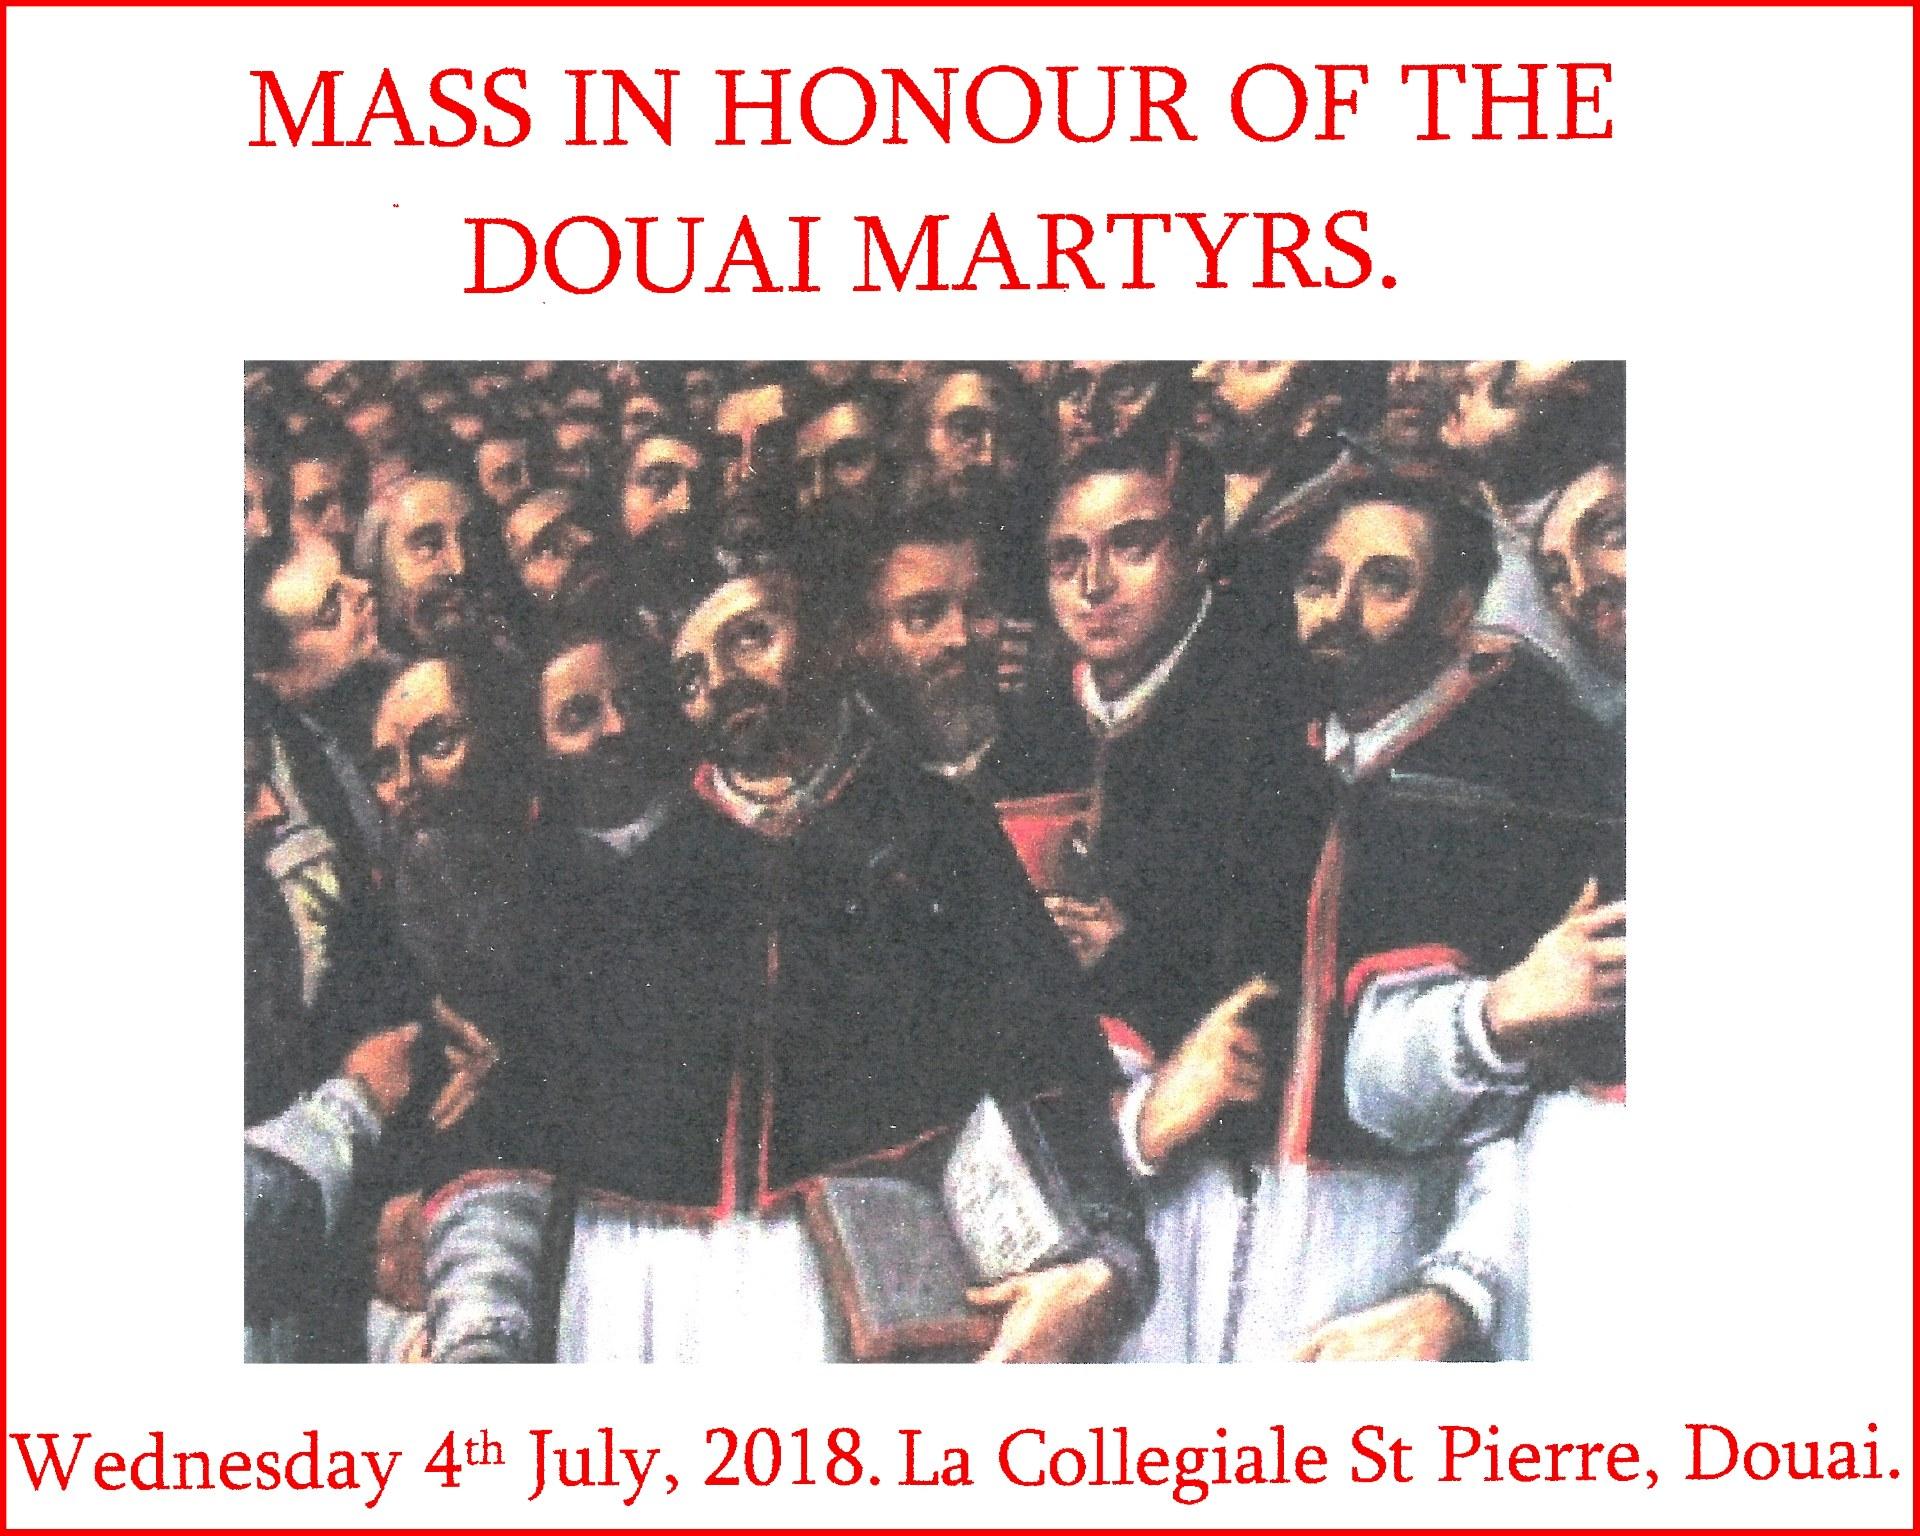 1807_Vignette Messe Douai Martyrs 1